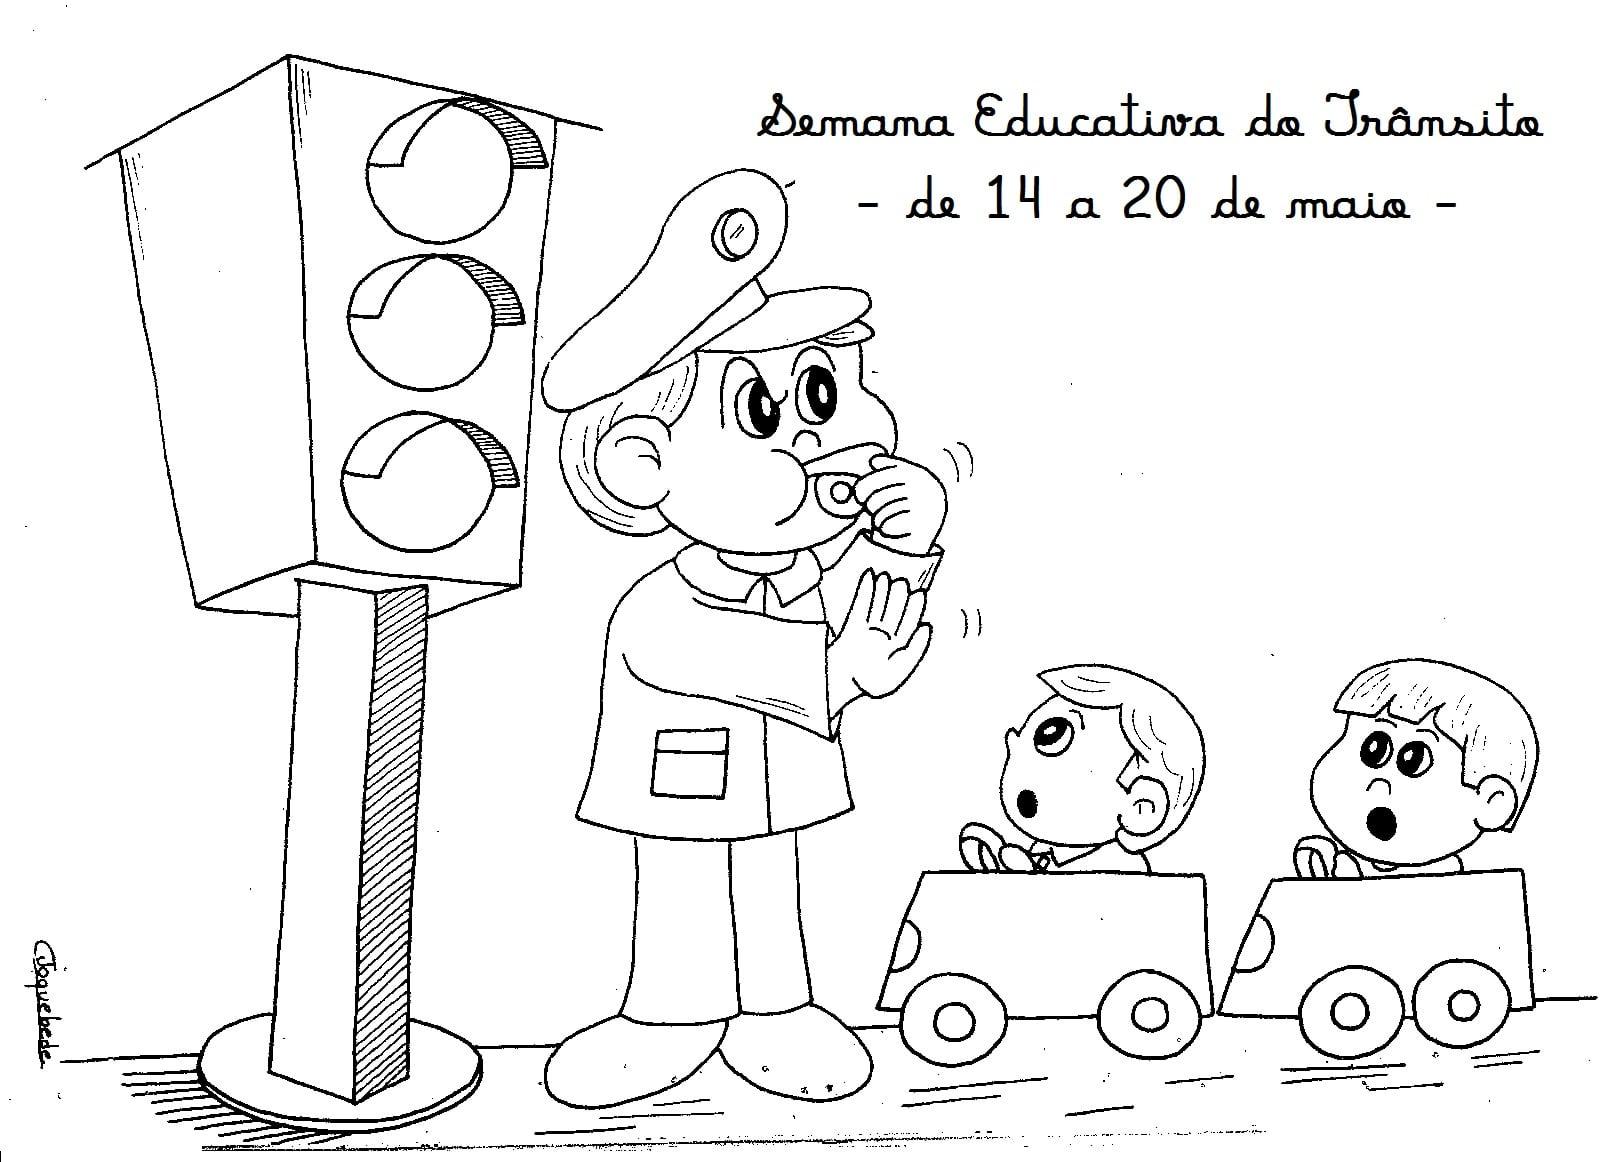 Escola Cristã Arca De Noé  Semana Educativa Do Trânsito